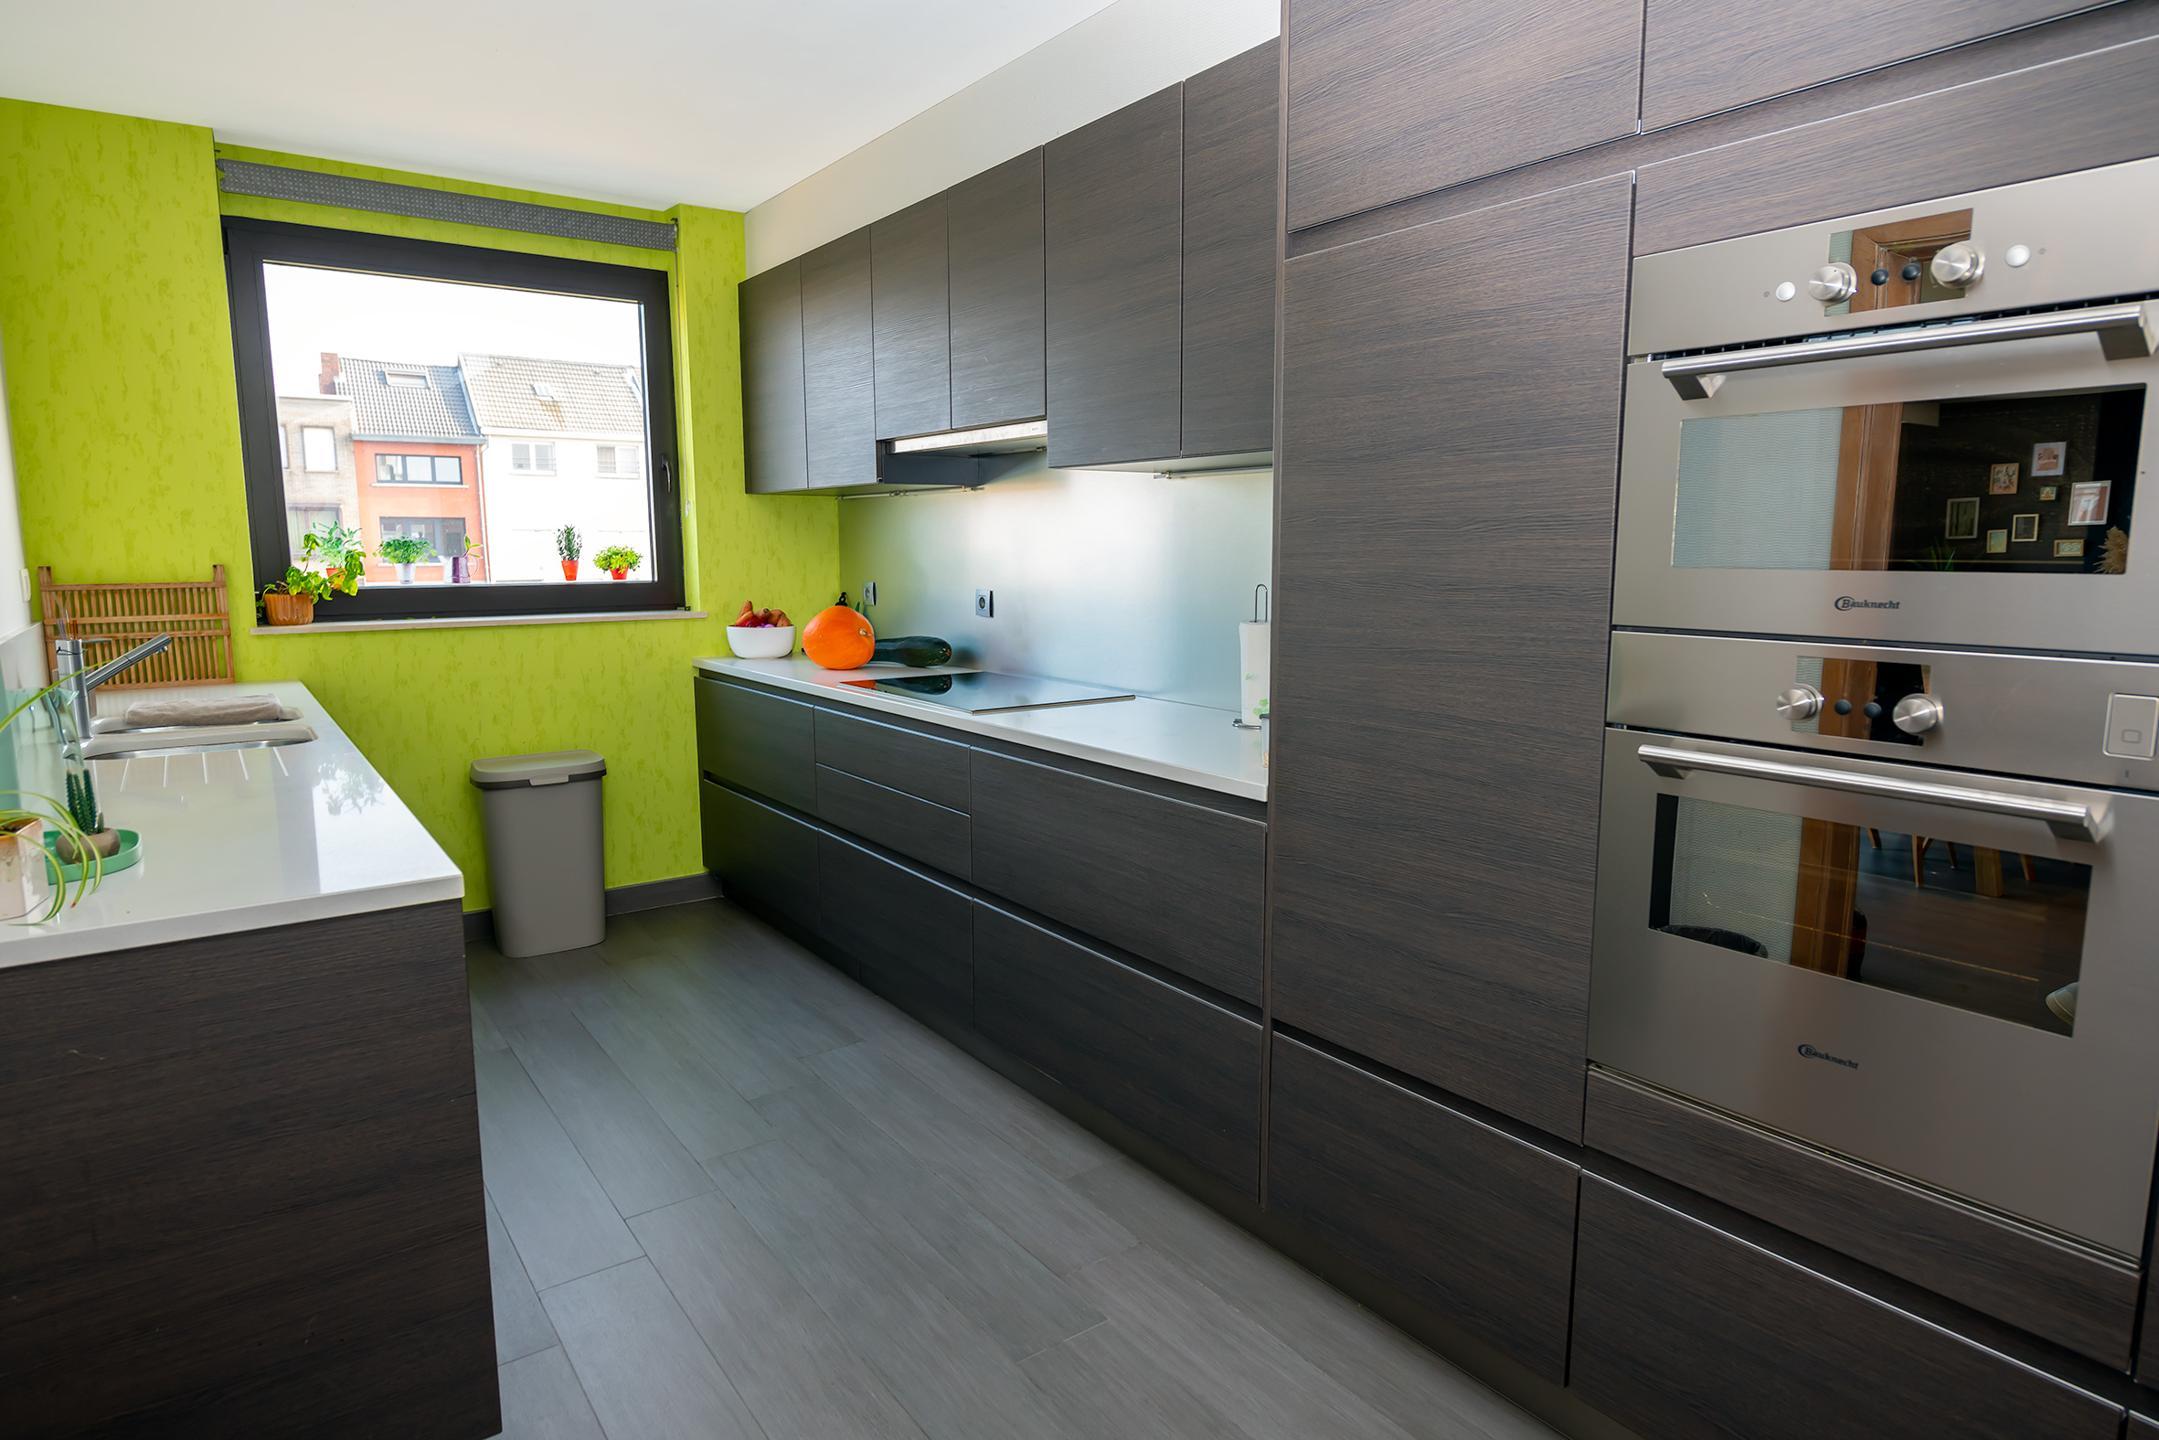 Appartement - Mechelen - #4536725-6